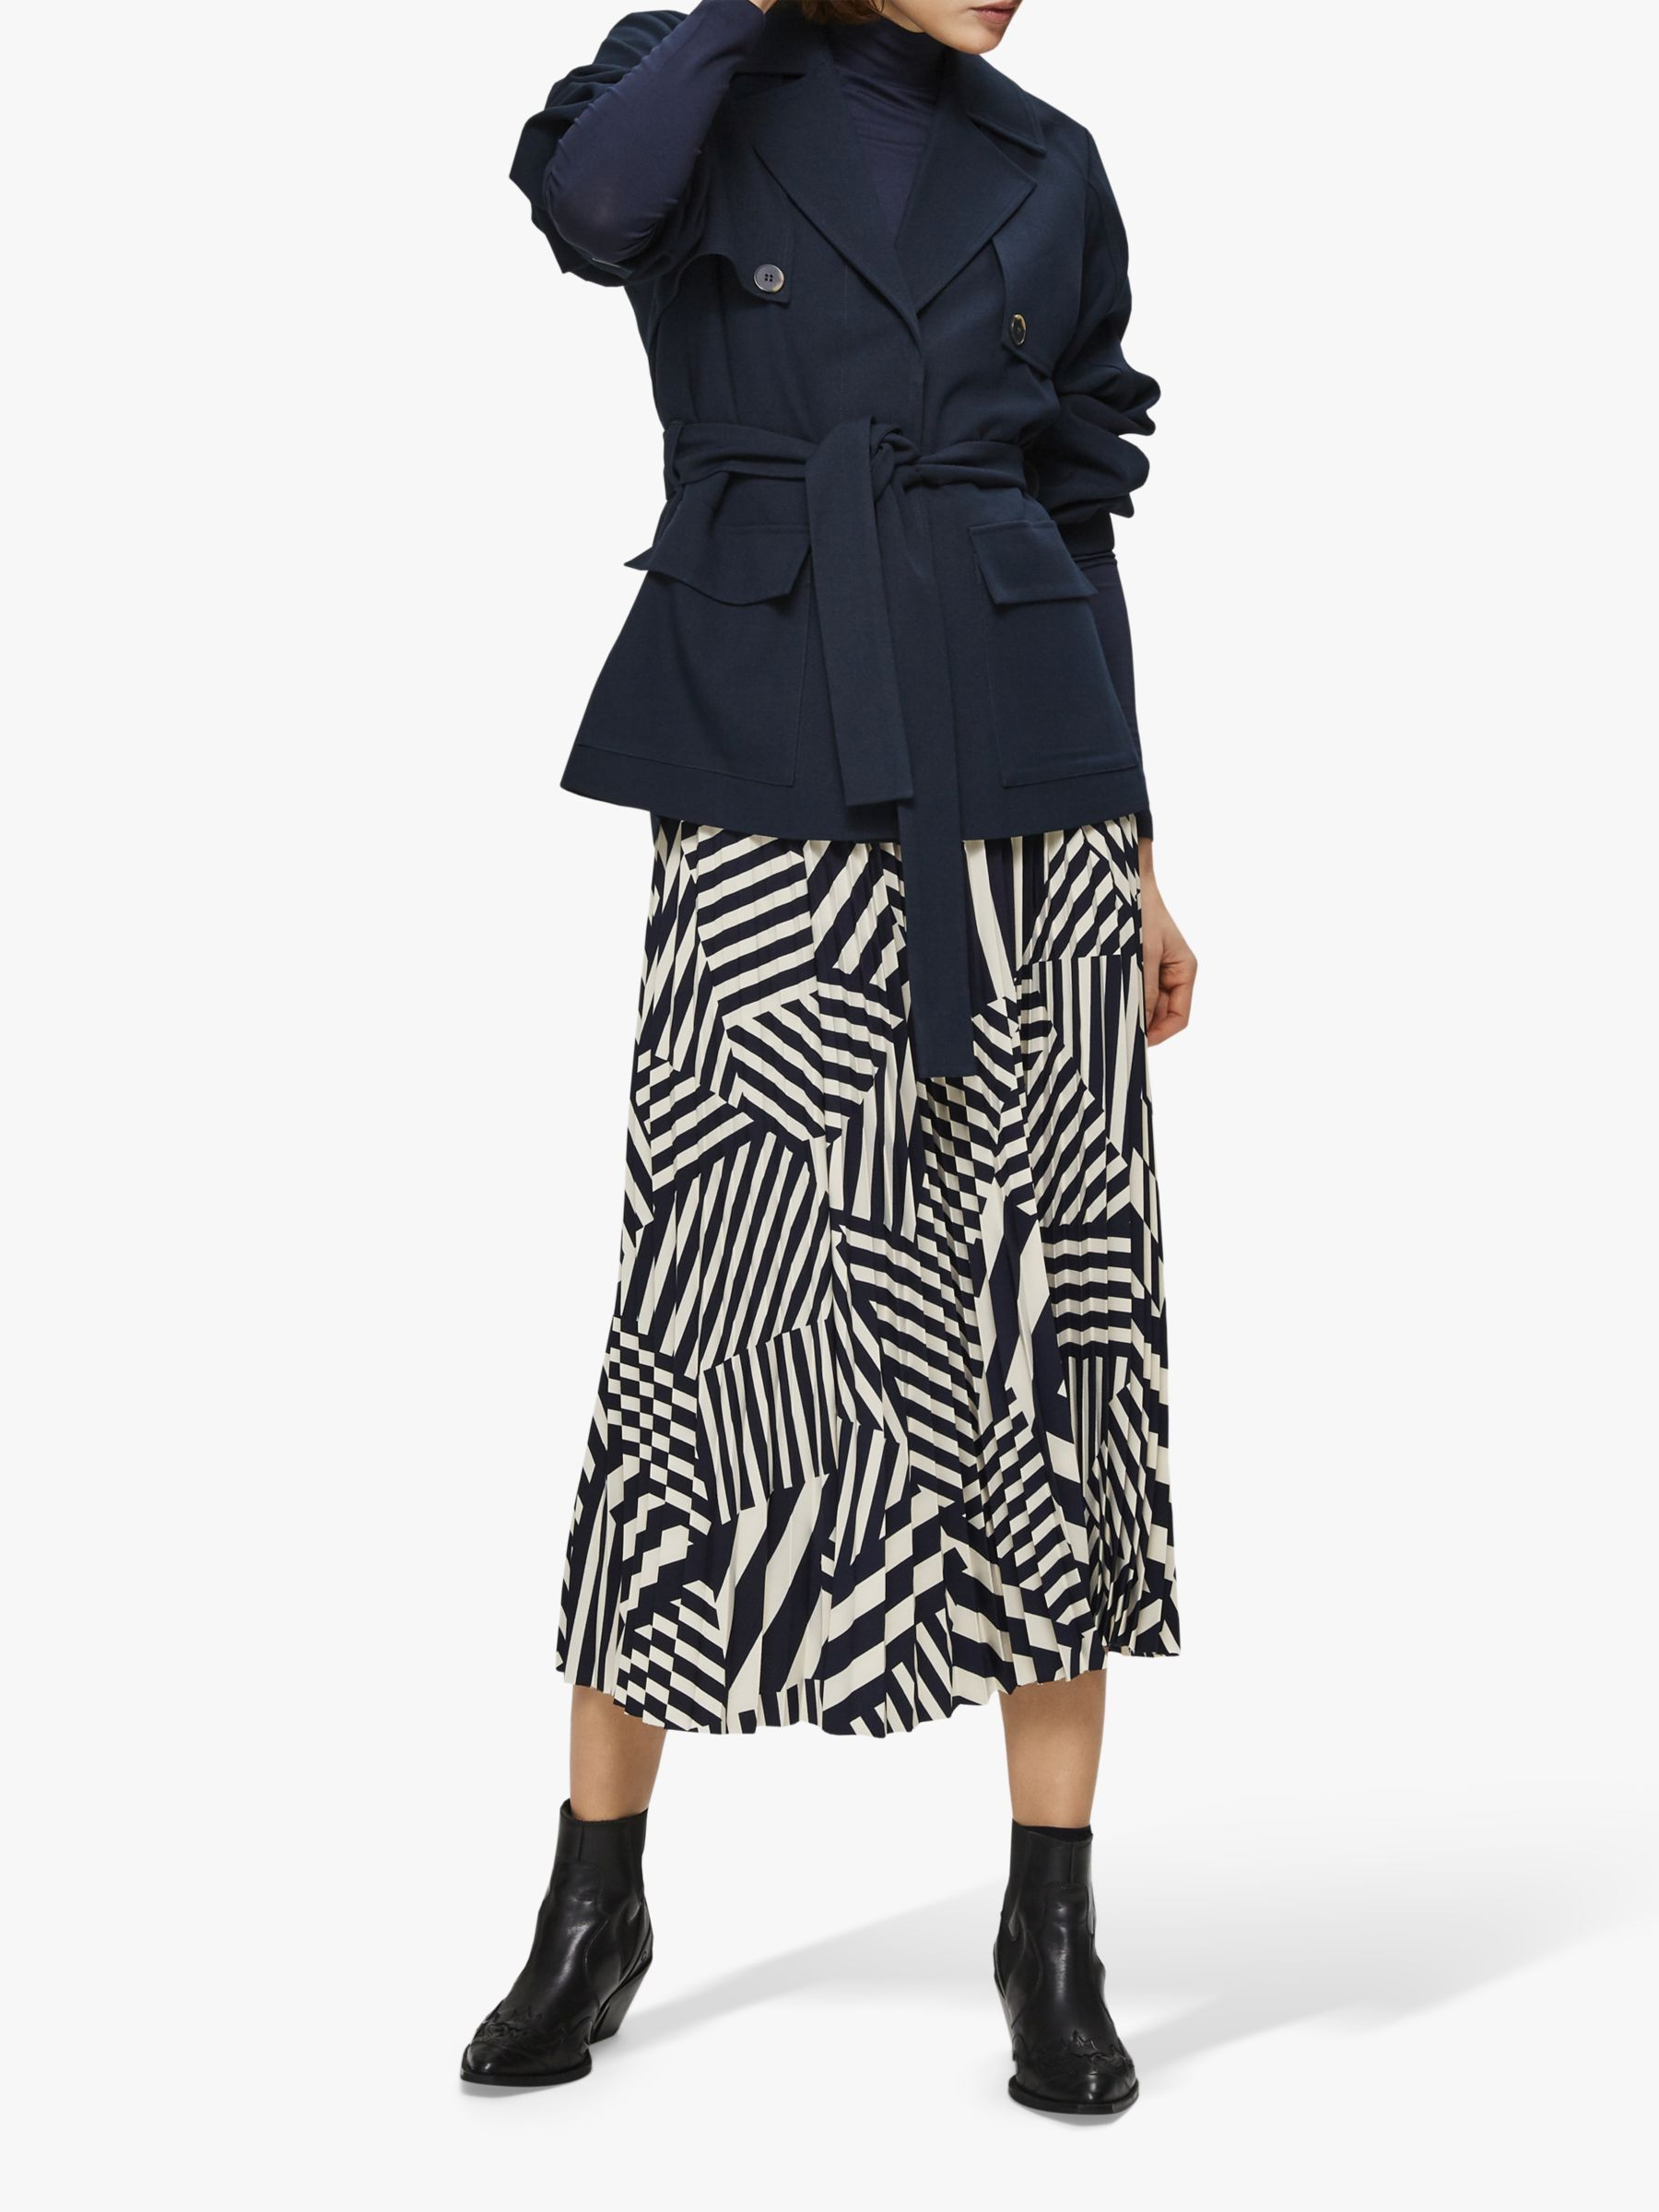 Selected Femme Selected Femme Alexis Geometric Print Midi Skirt, Navy/White